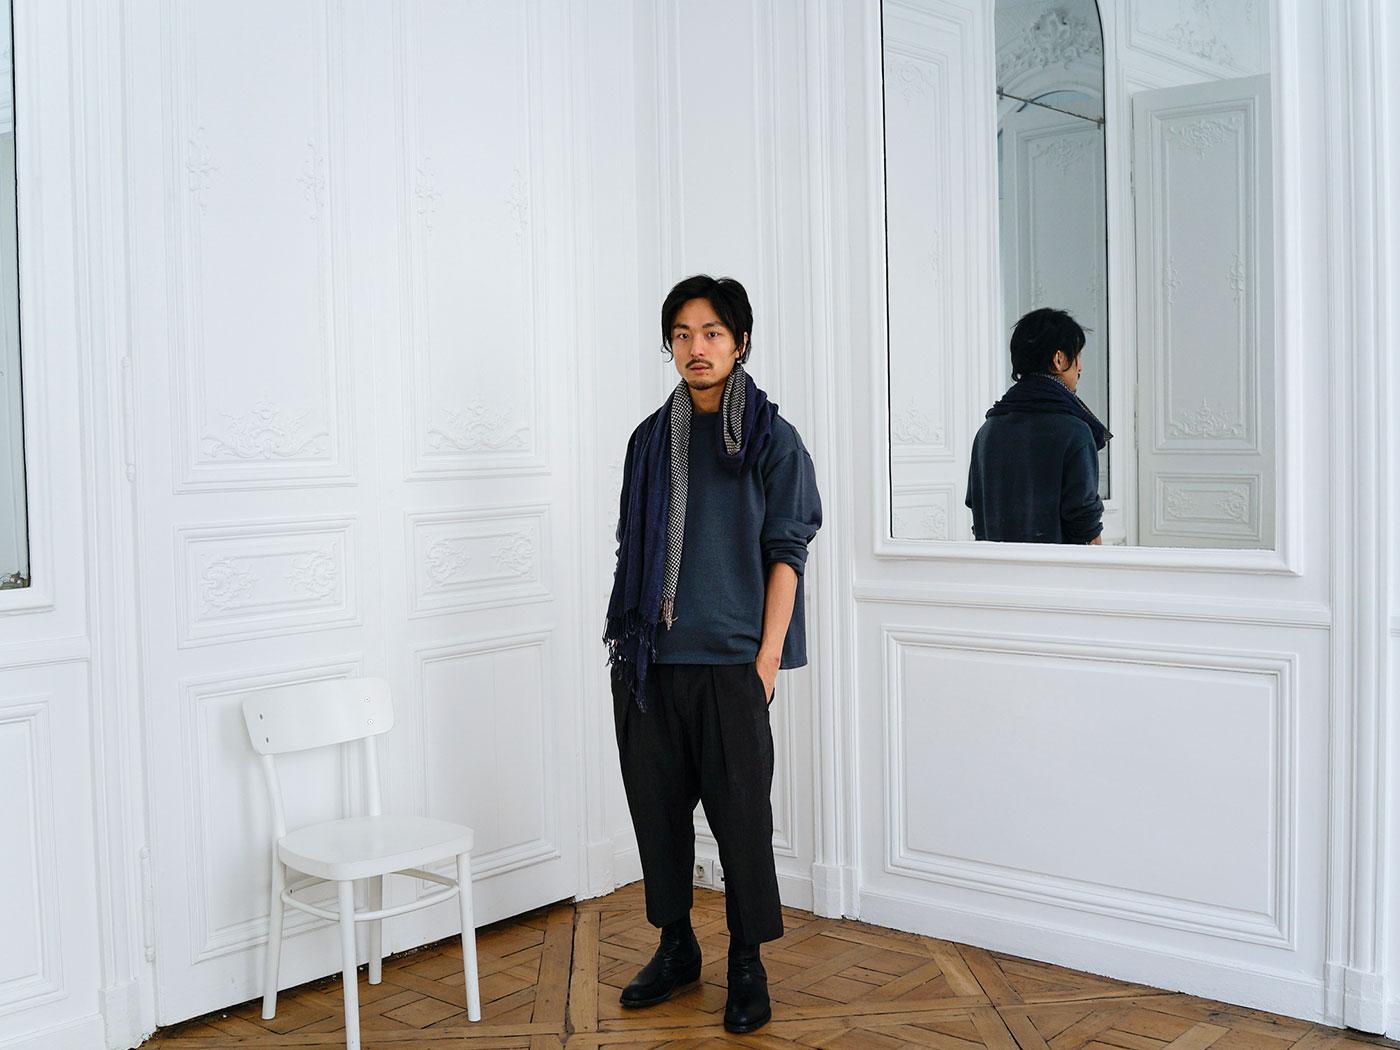 ファッションデザイナー、豊嶋 慧。何も持たない青年が、パリの